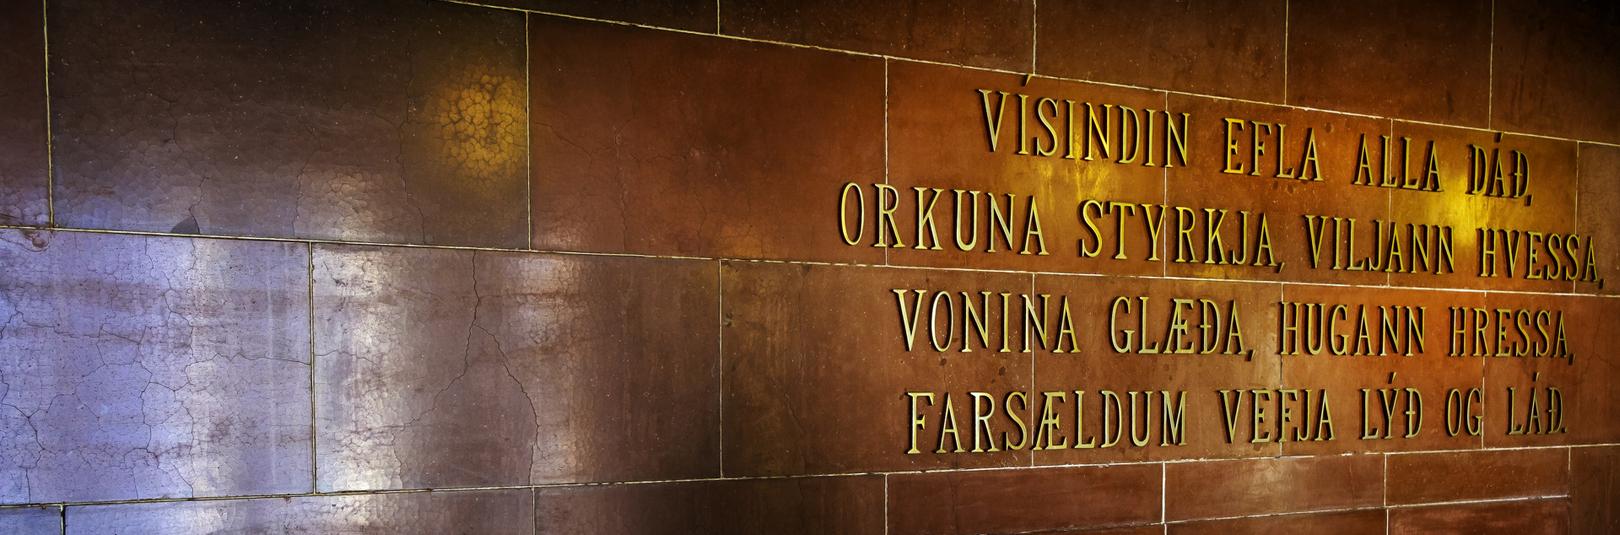 Metár og meira en milljón lesendur á Vísindavefnum í fyrra - á vefsíðu Háskóla Íslands